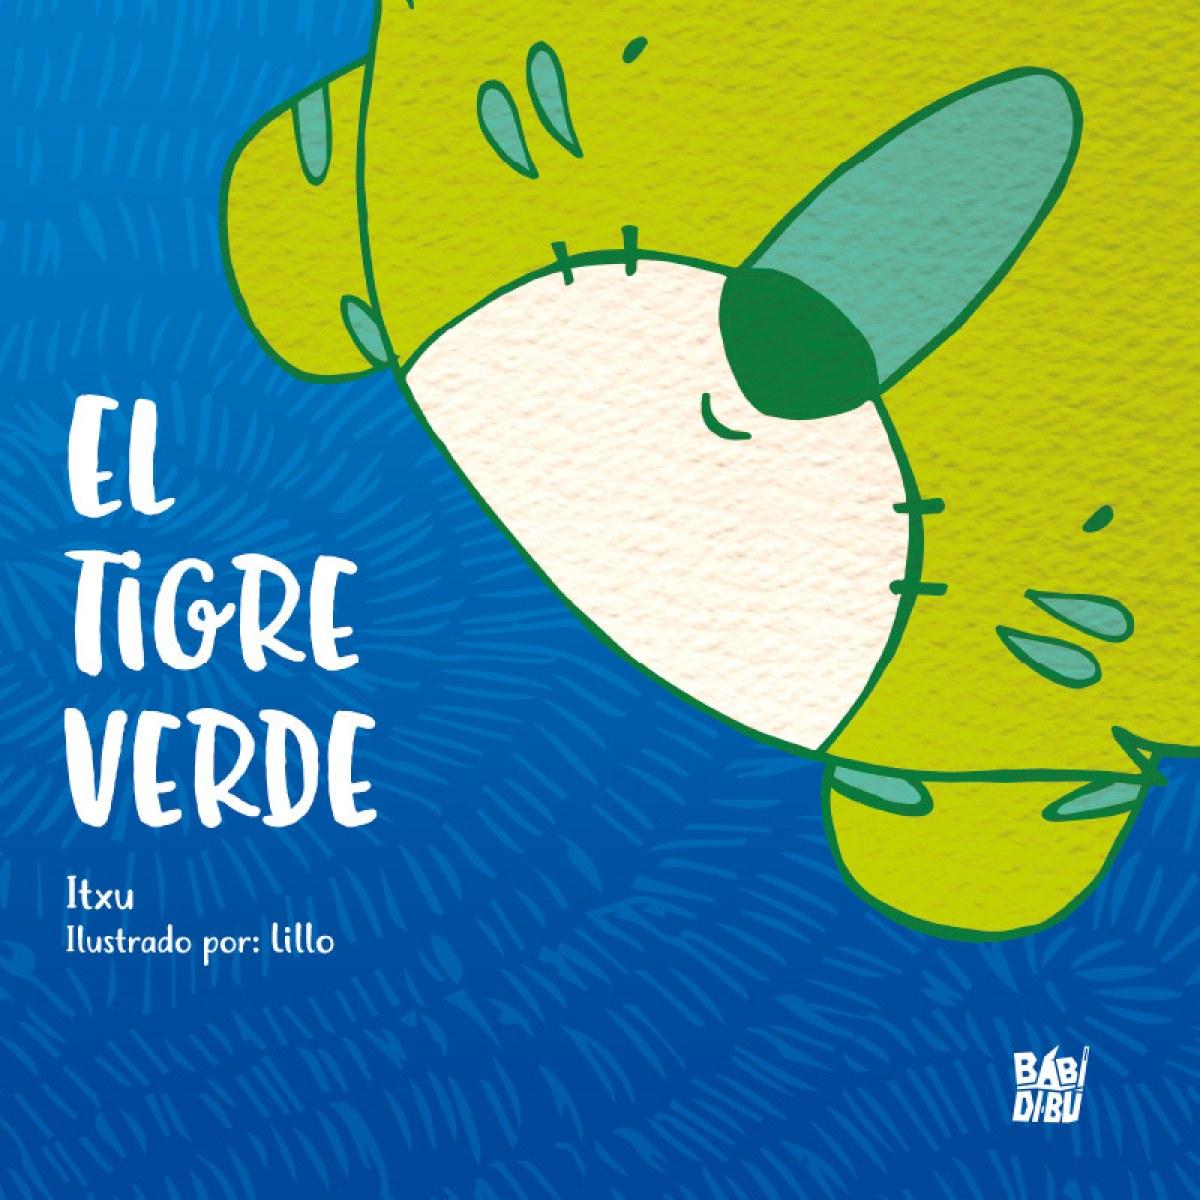 El tigre verde